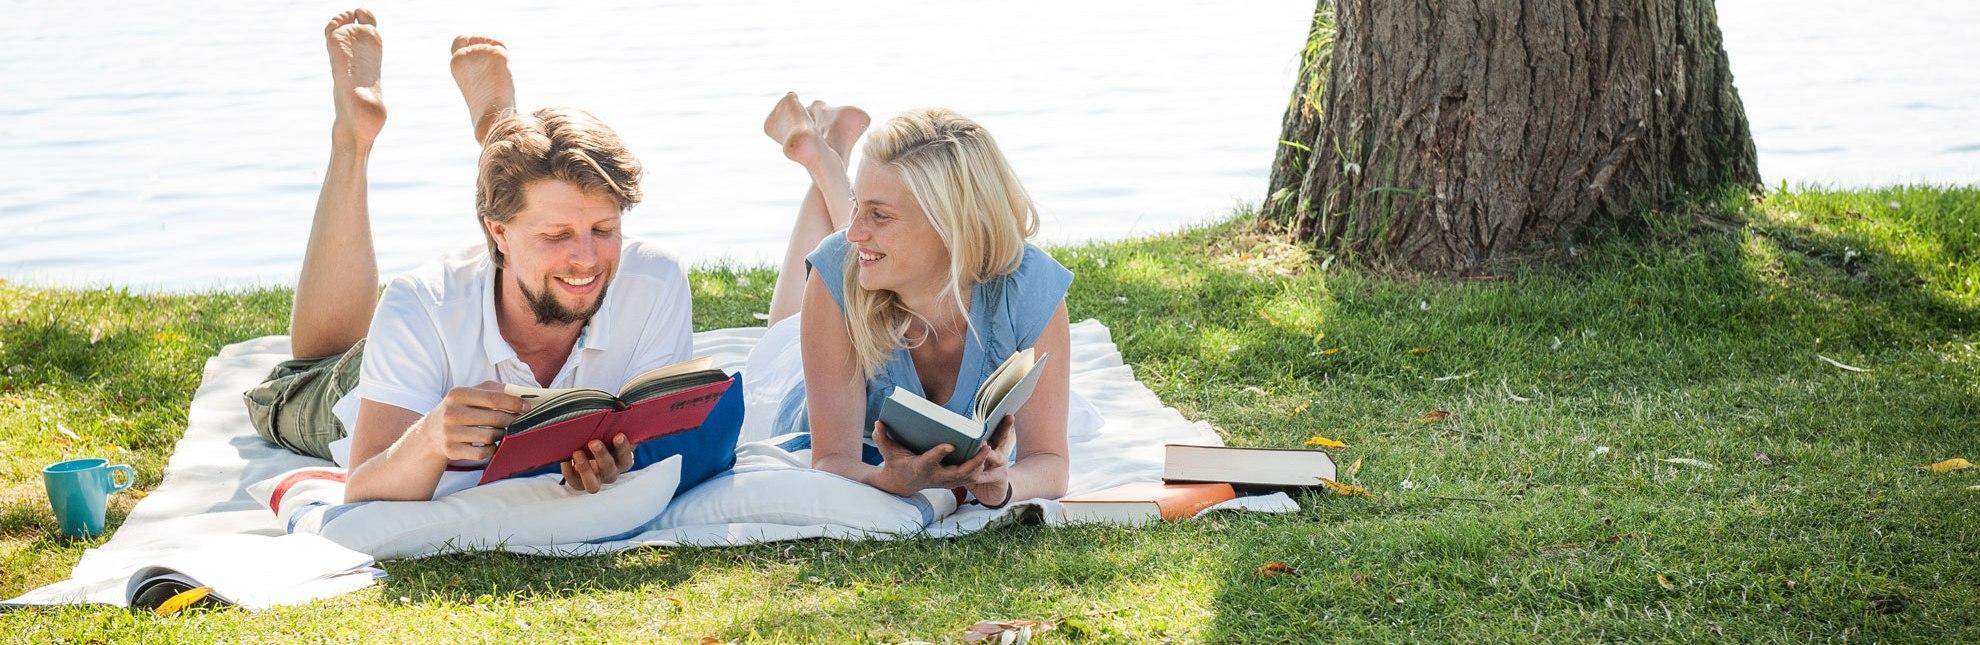 Lesen am See im Naturpark Lauenburgische Seen, © Nicole Franke / HLMS GmbH